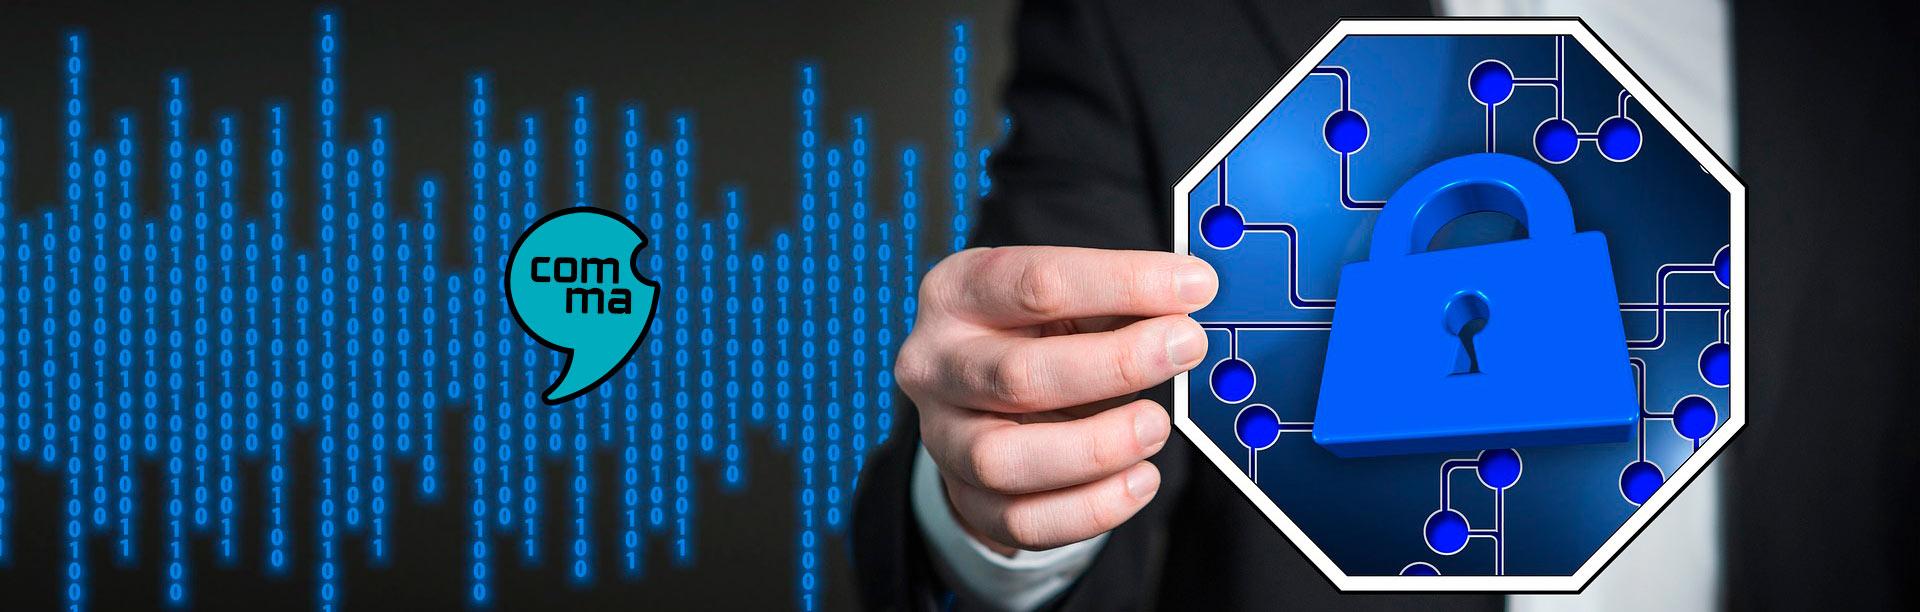 codigo binario y candado seguridad